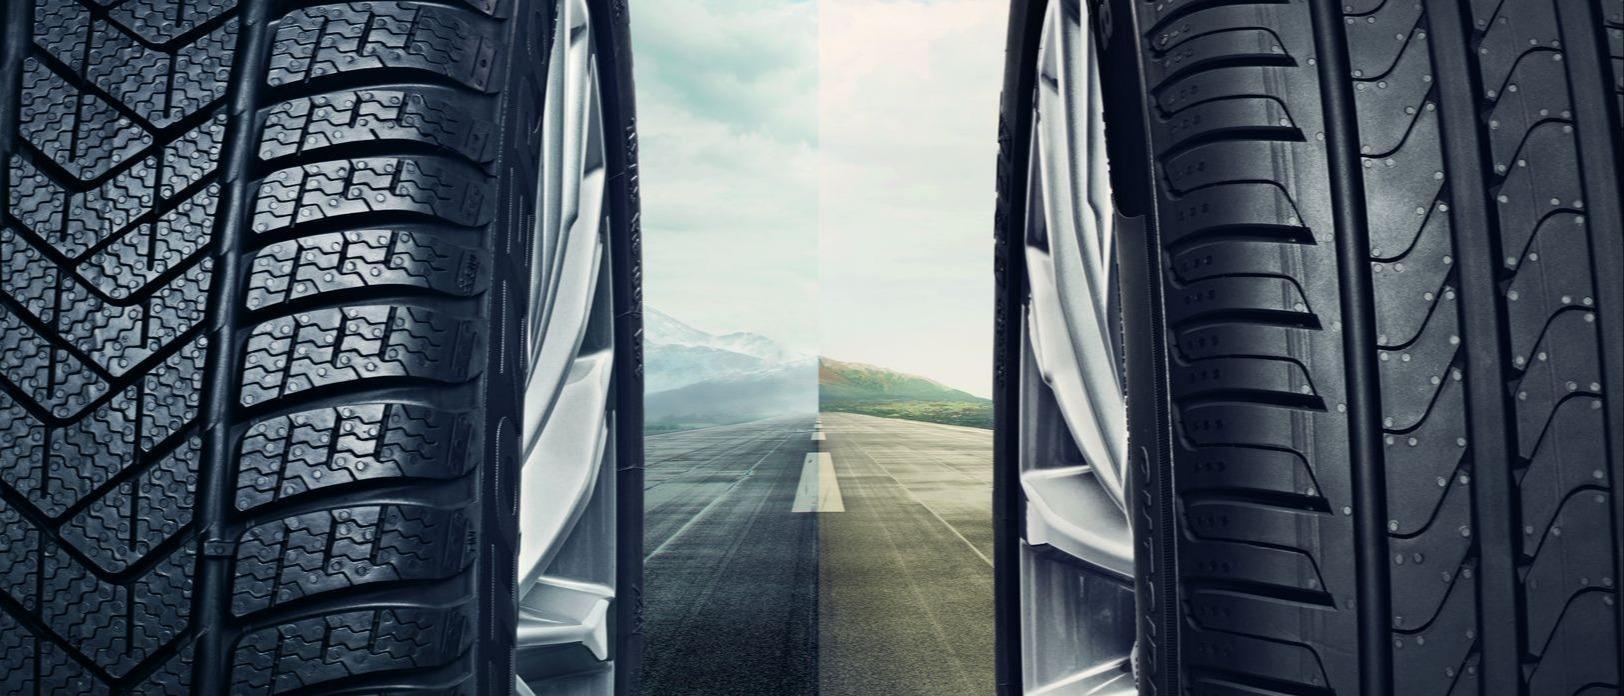 Хранение колес в Москве | Цена сезонного хранения колес у дилера BMW Автодом Внуково